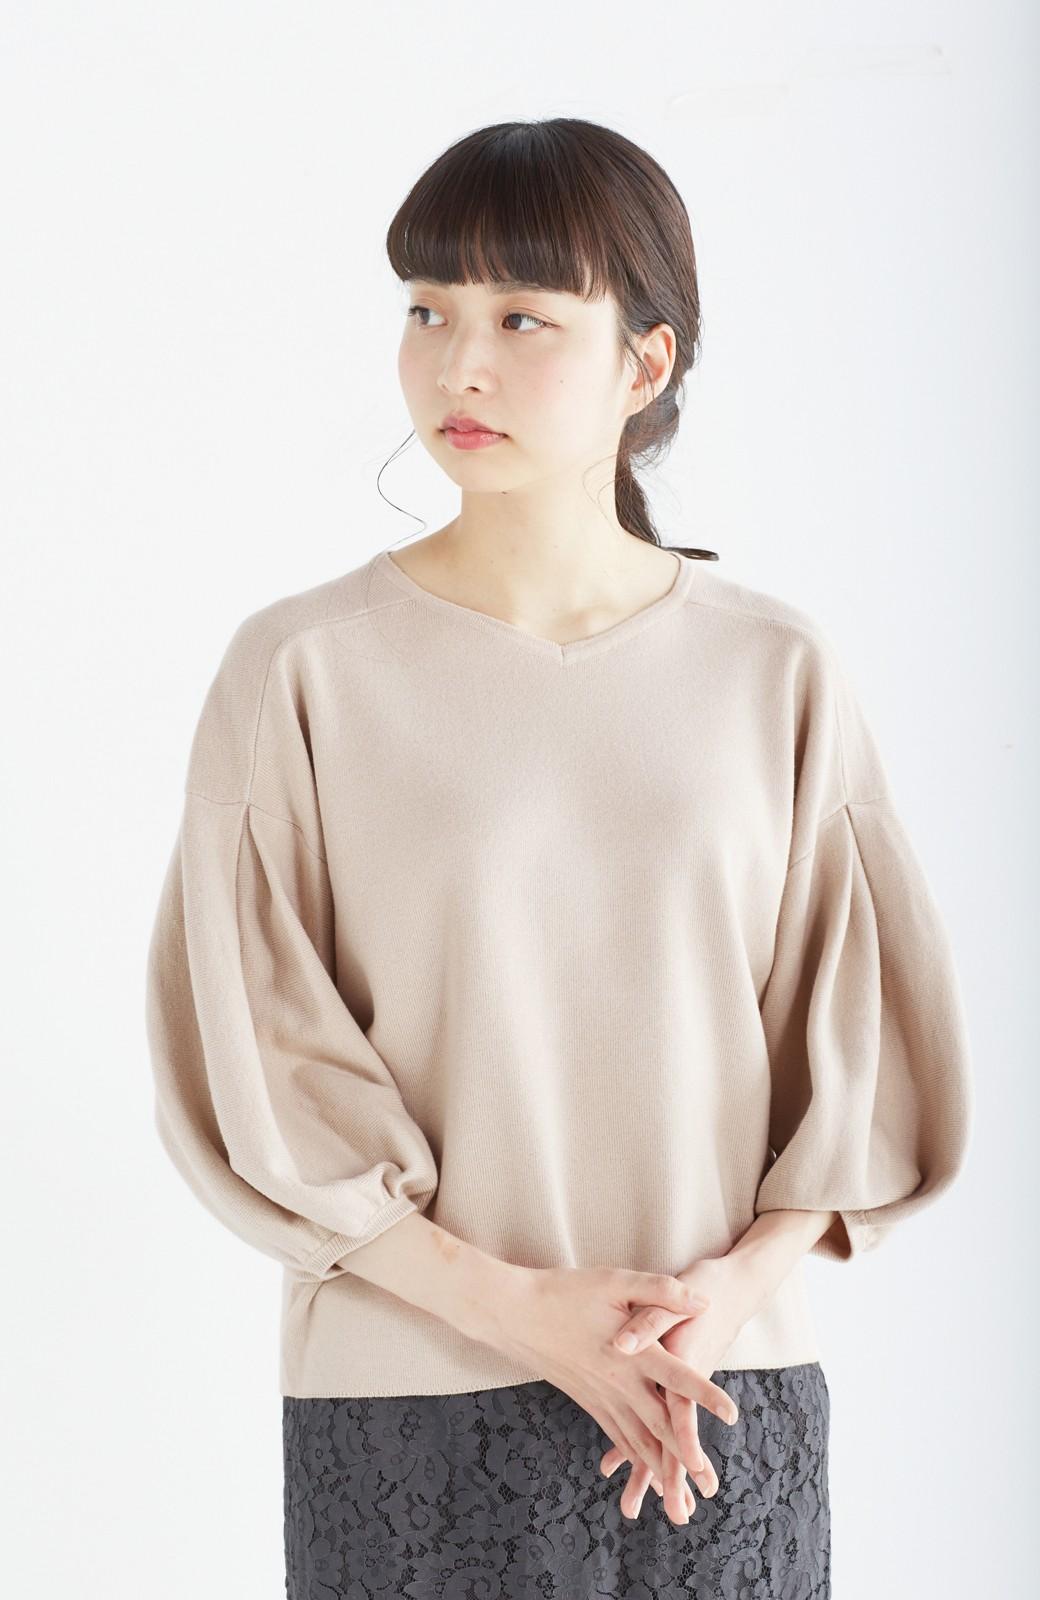 エムトロワ パッと着るだけで上品&今気分 きれいめ総針編みのぷっくり袖ニット <ベージュ>の商品写真13